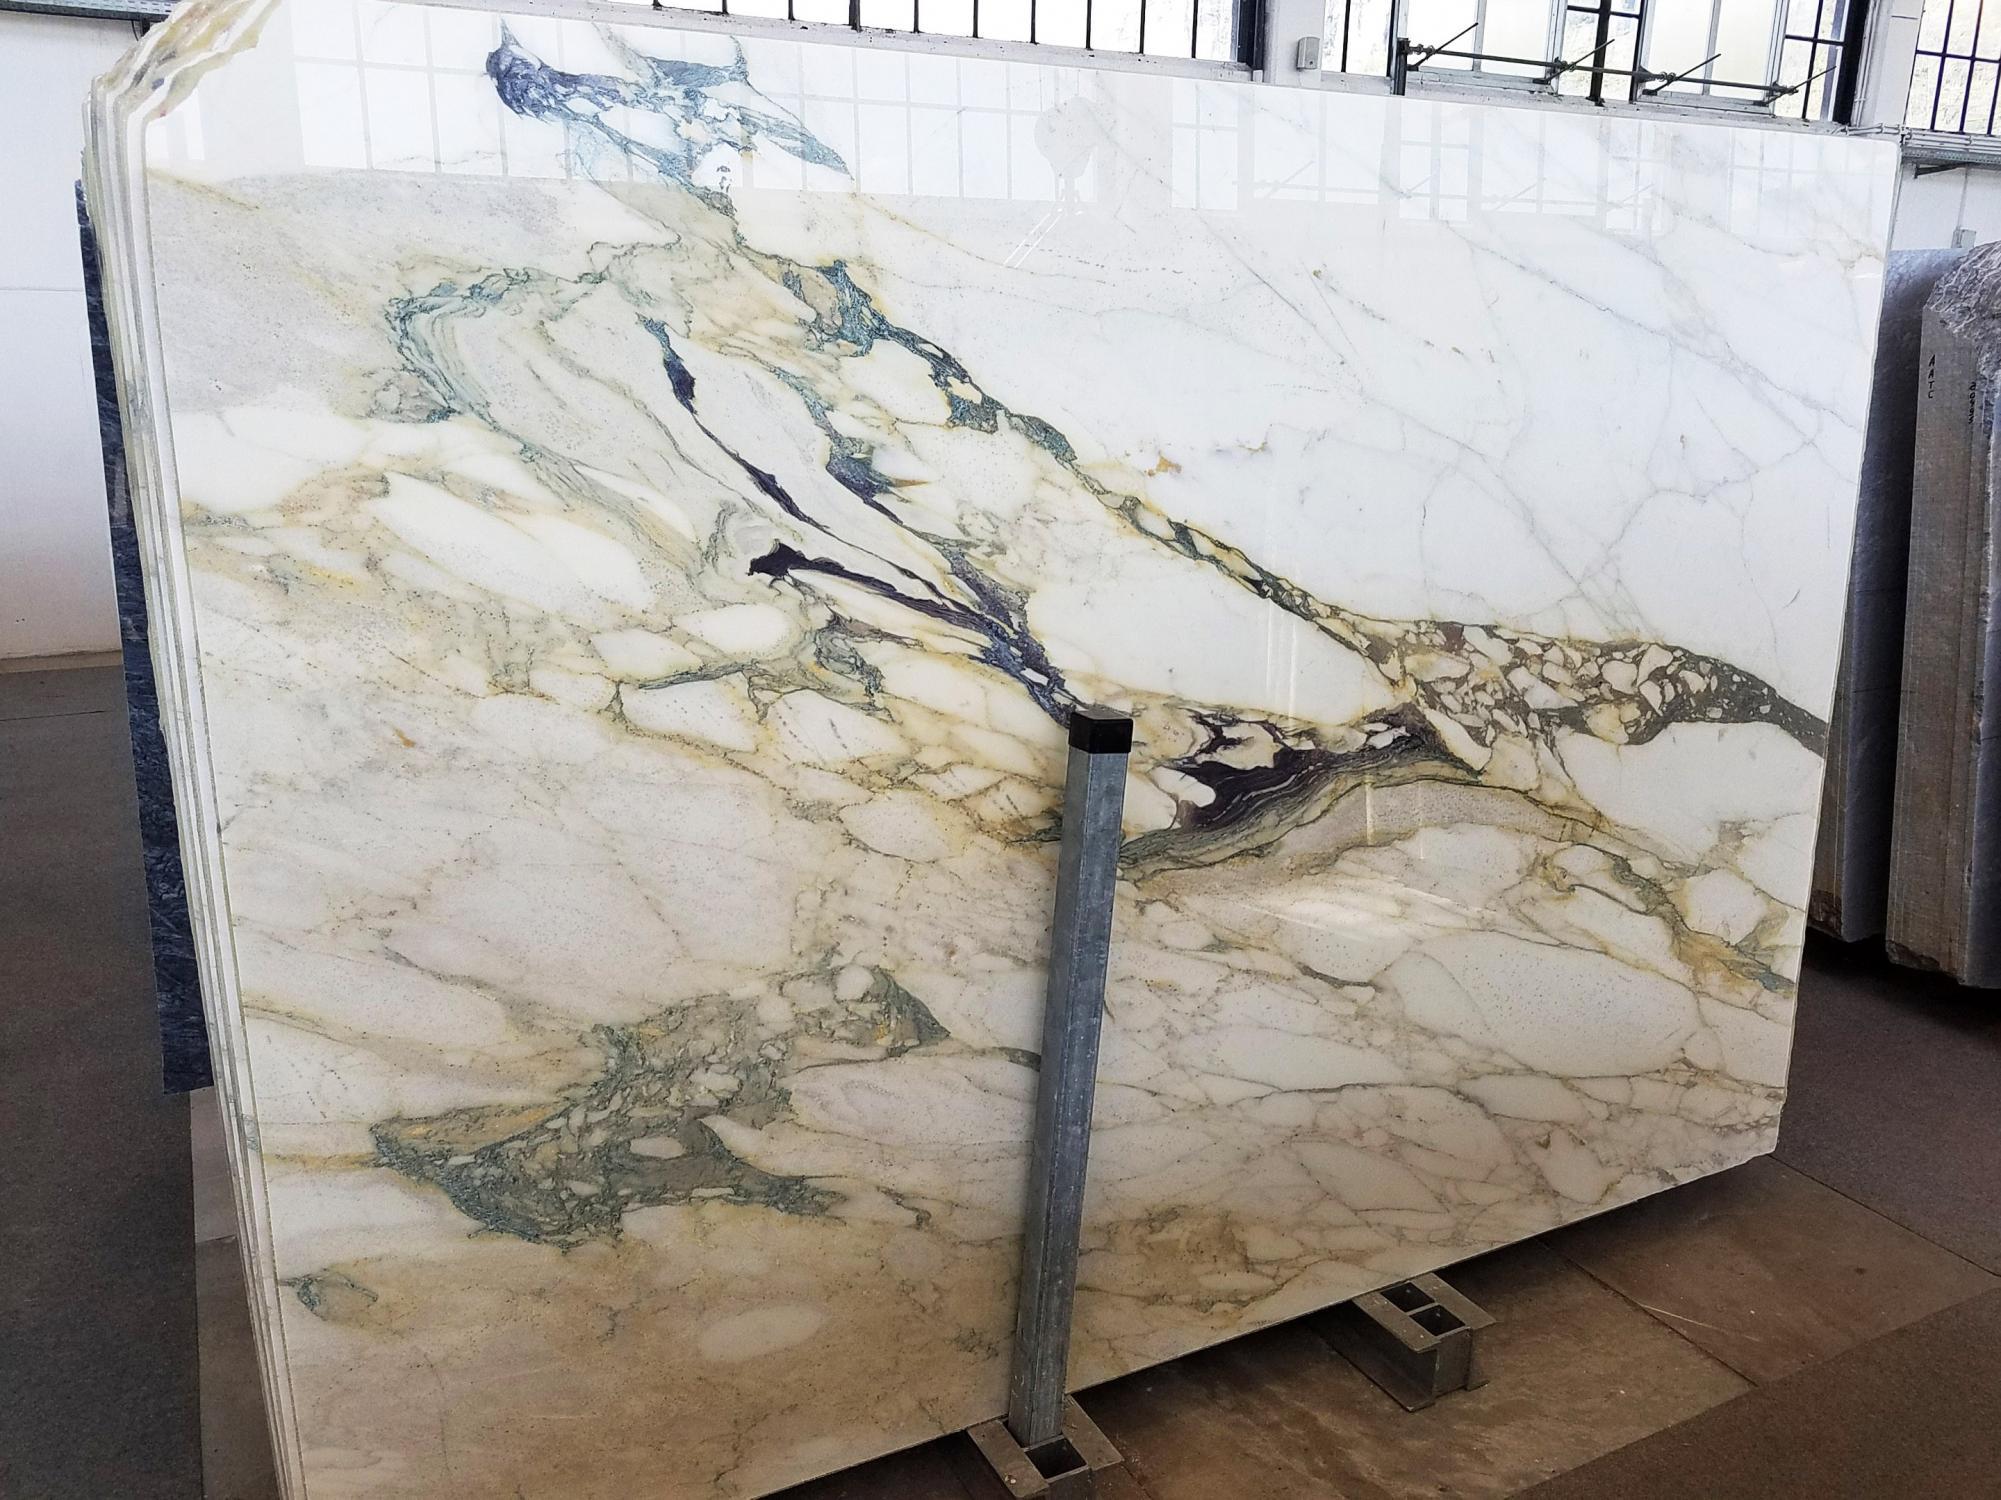 CALACATTA FIORITO Suministro Veneto (Italia) de planchas pulidas en mármol natural U0433 , Slab #01